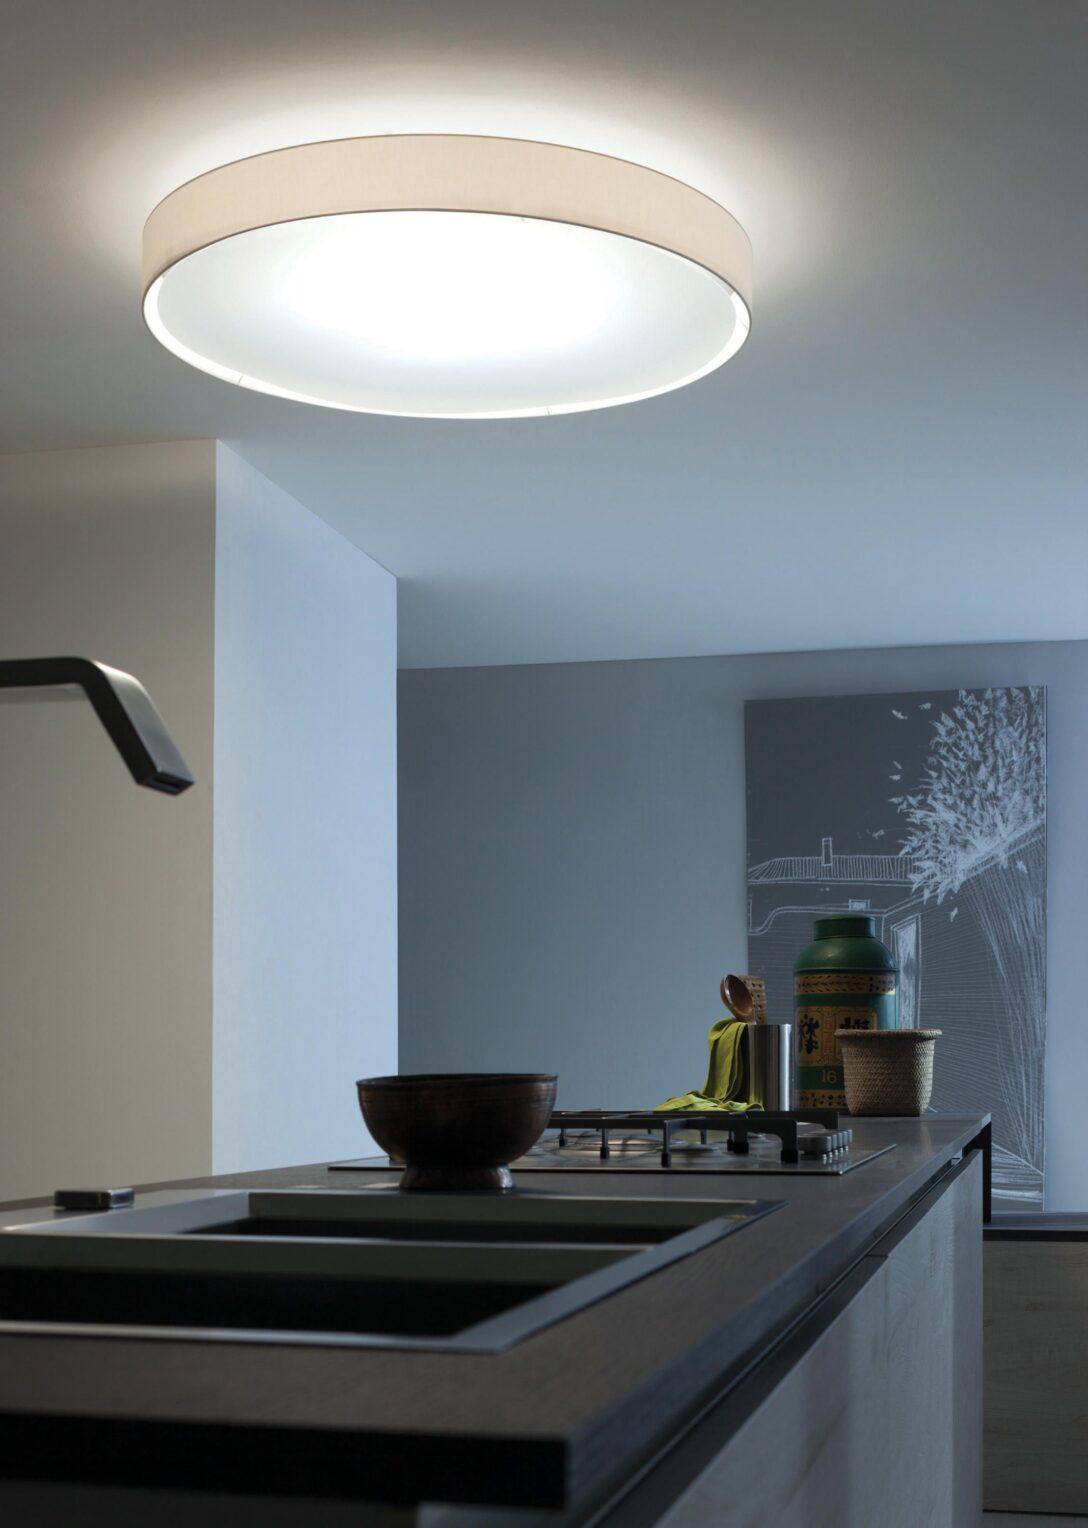 Large Size of Wohnzimmer Deckenlampe Modern Ikea Krusning In 2019 Moderne Landhausküche Esstisch Deckenlampen Bad Küche Holz Bilder Deckenleuchte Fürs Schlafzimmer Wohnzimmer Deckenlampe Modern